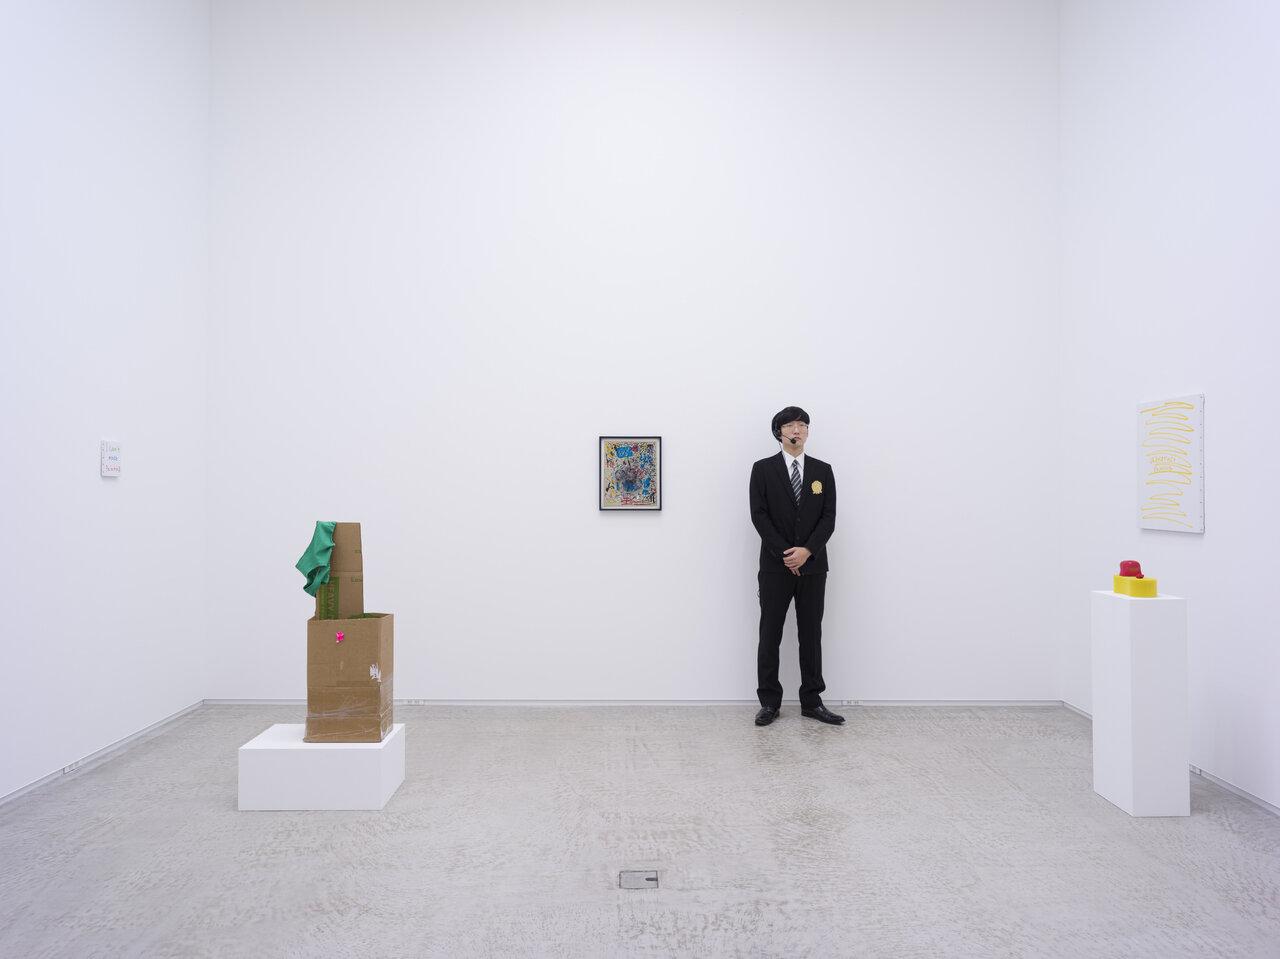 """加賀美健「アブストラクション」 2020年 MISAKO & ROSENでの展示風景 Ken Kagami """"Abstraction"""" 2020 installation view at MISAKO & ROSEN Courtesy of the artist and MISAKO & ROSEN Photo: KEI OKANO"""